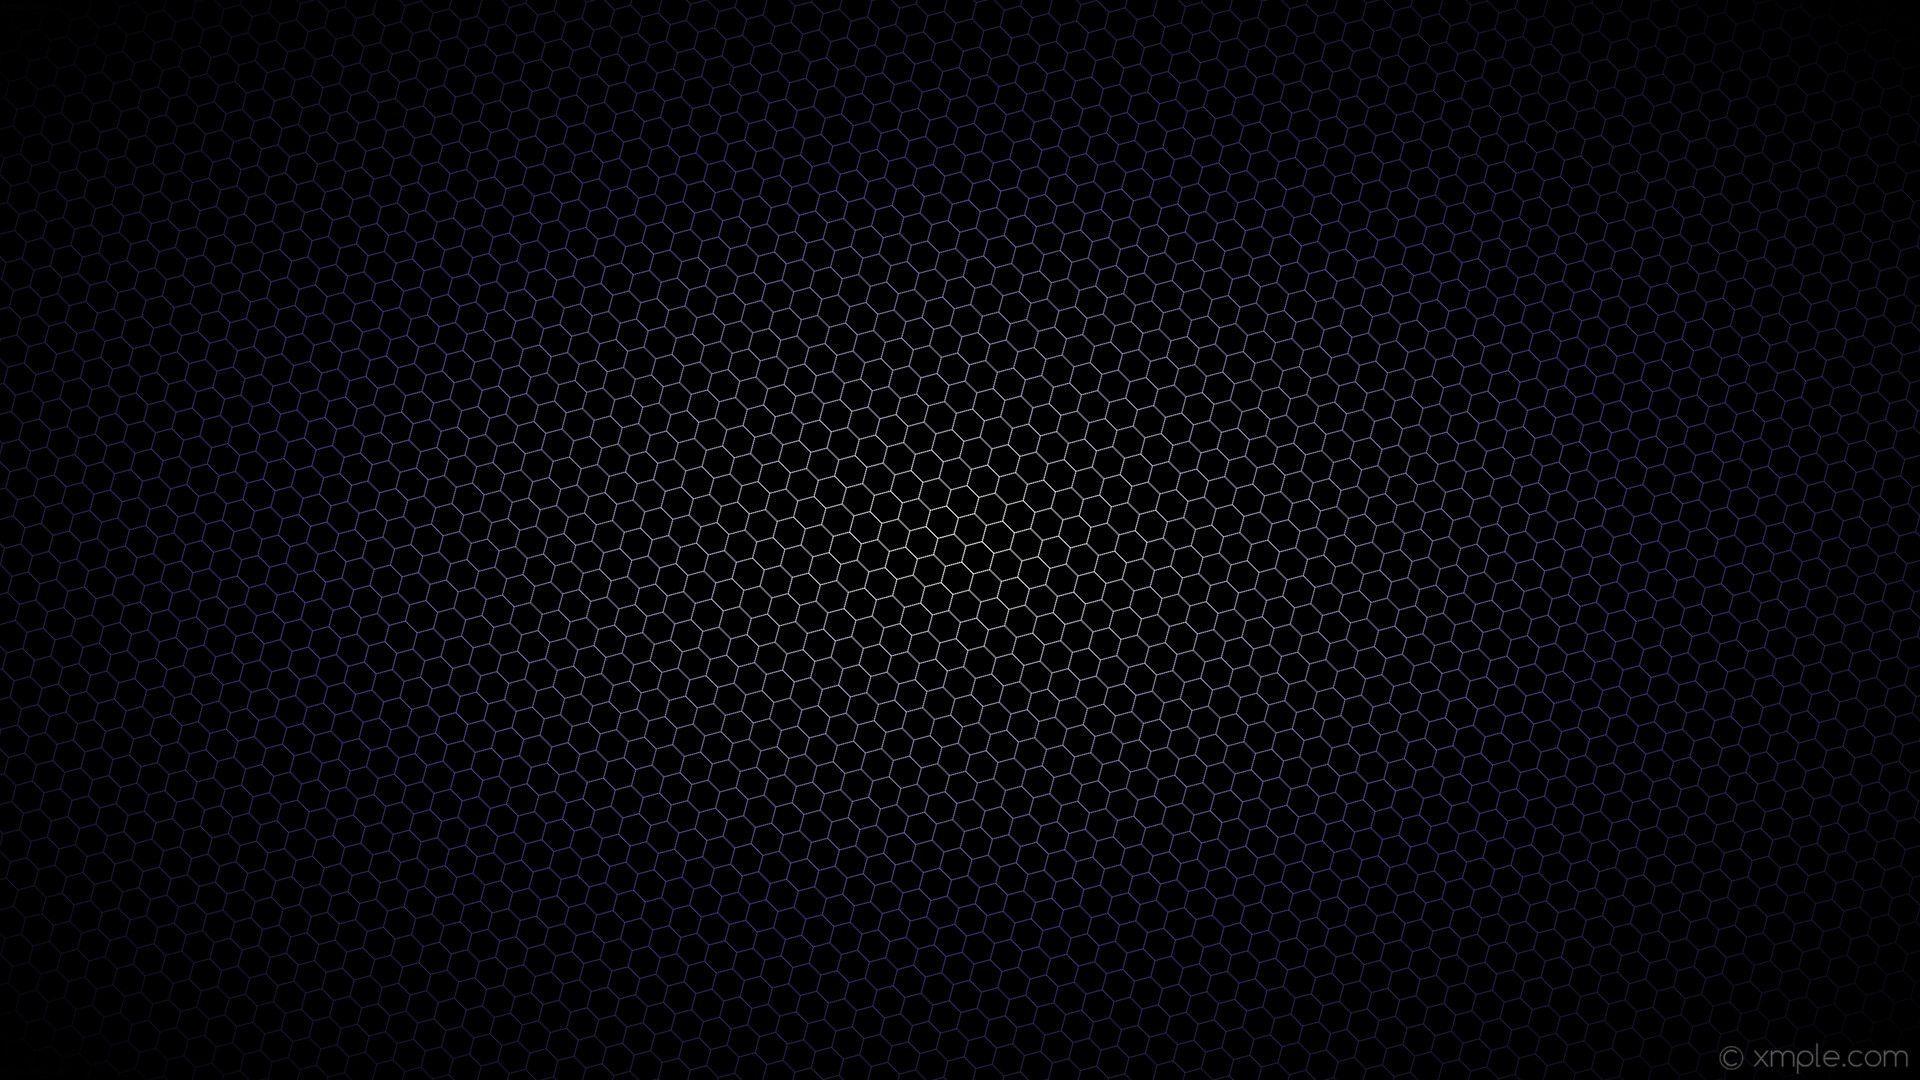 1920x1080 Glow in the Dark hình nền